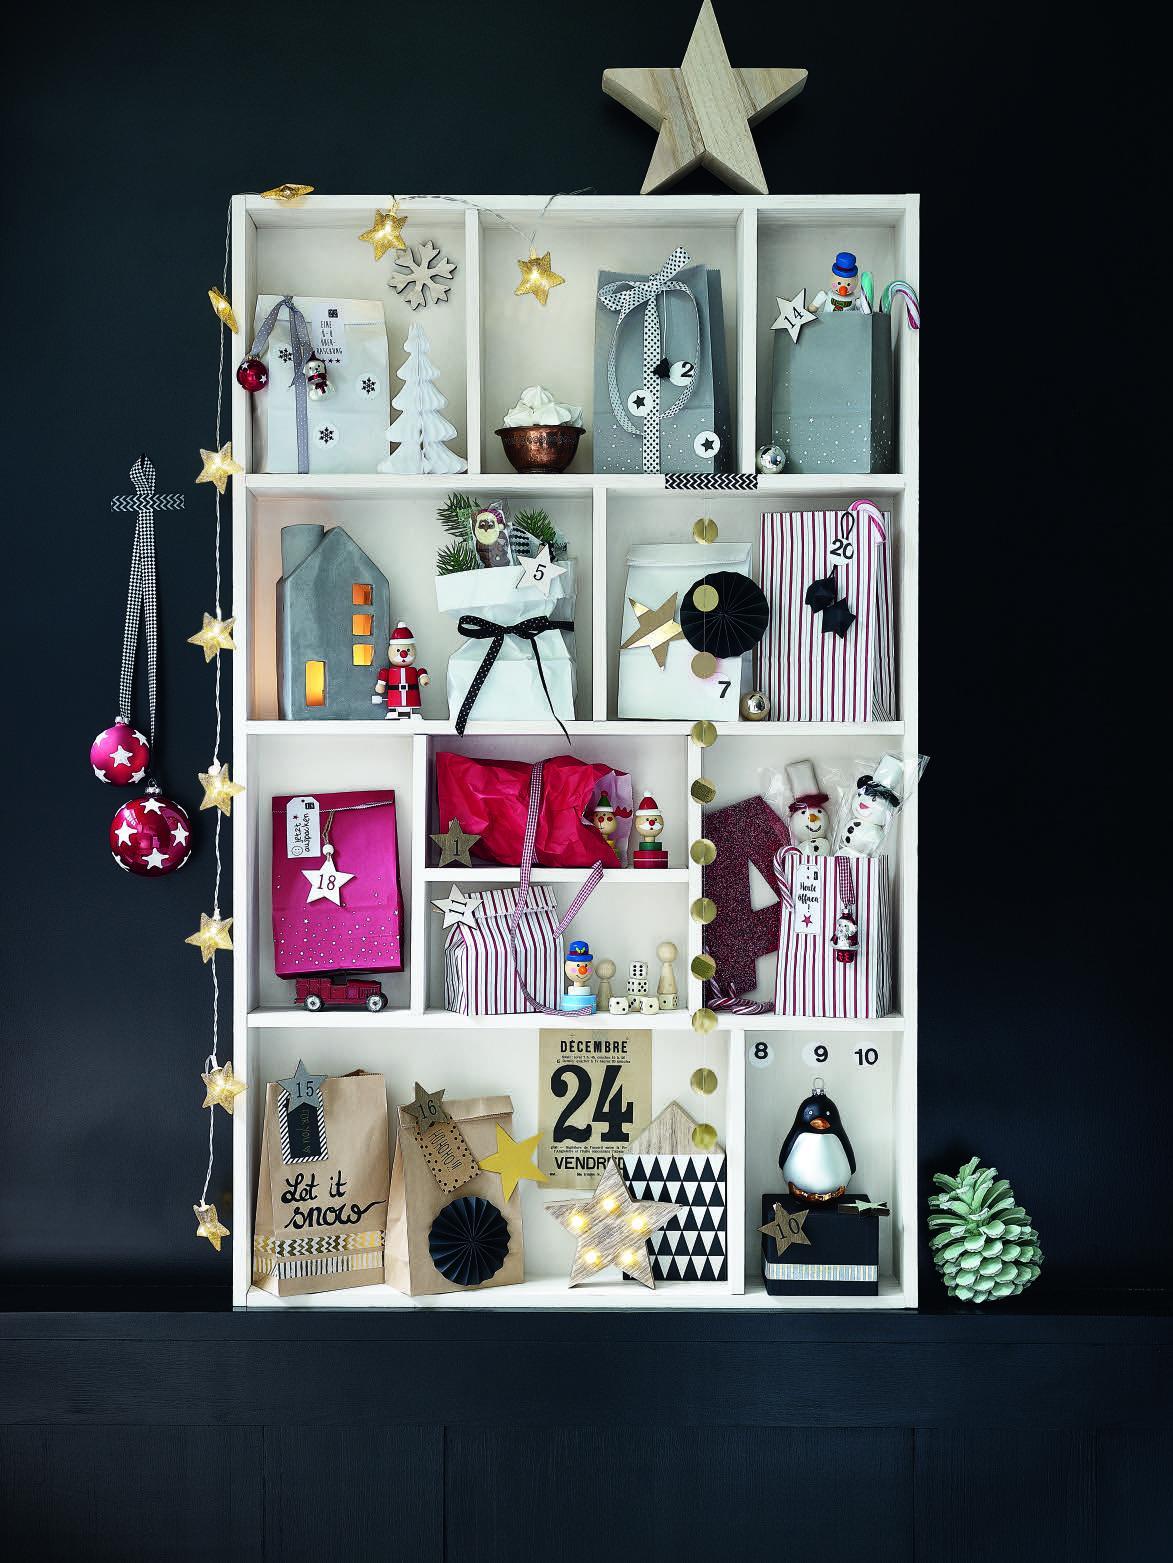 Weihnachtsdeko seite 6 bilder ideen couchstyle - Depot weihnachtsdeko ideen ...